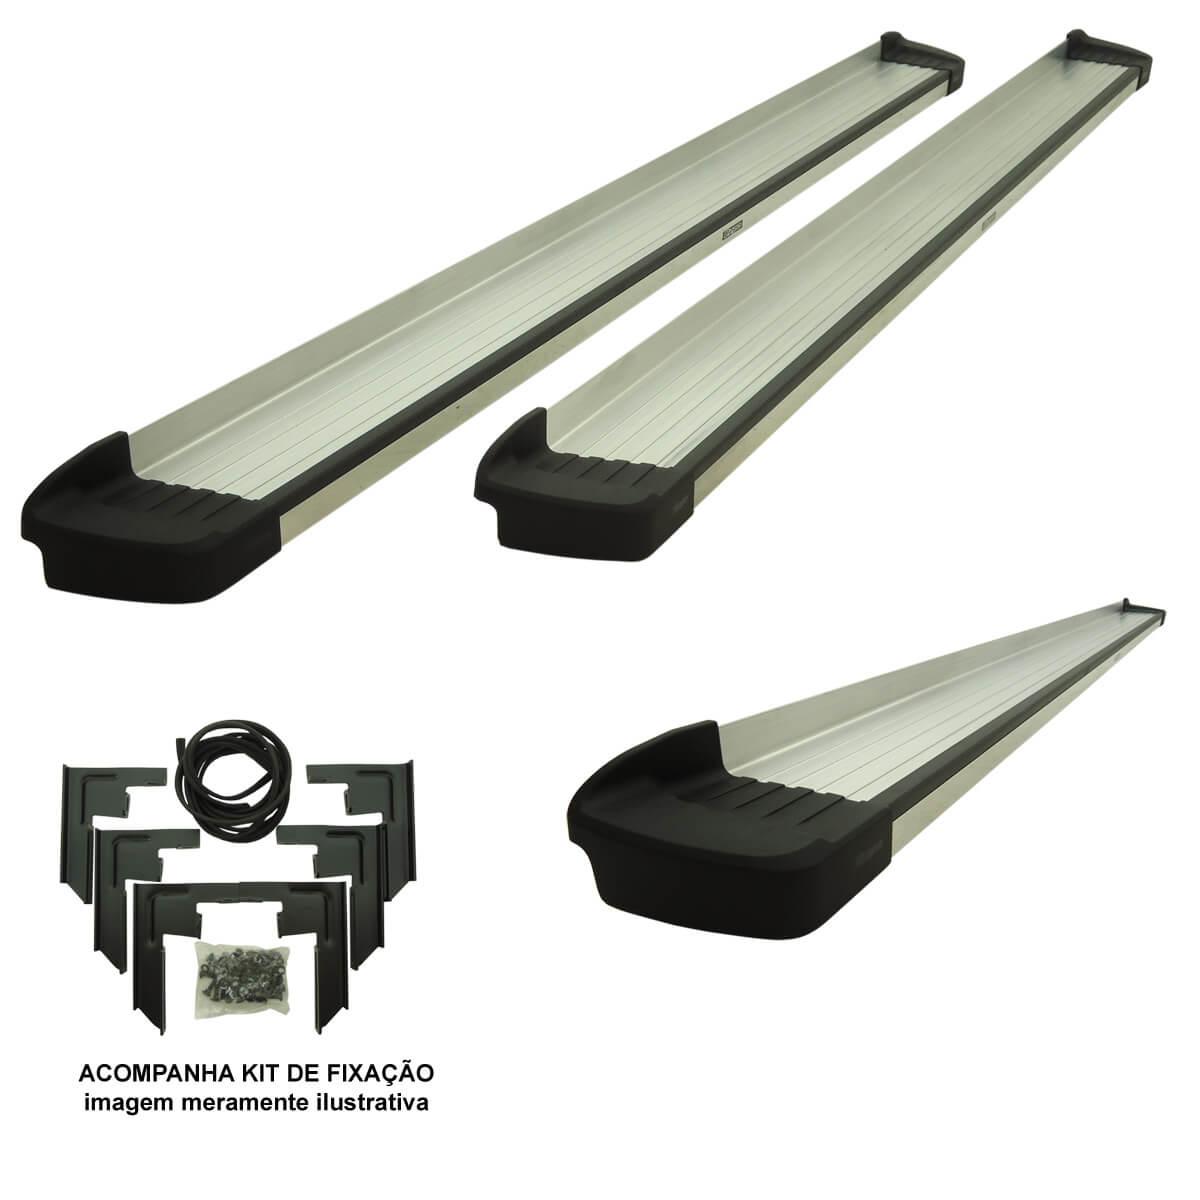 Estribo Bepo G3 alumínio L200 Triton 2008 a 2017